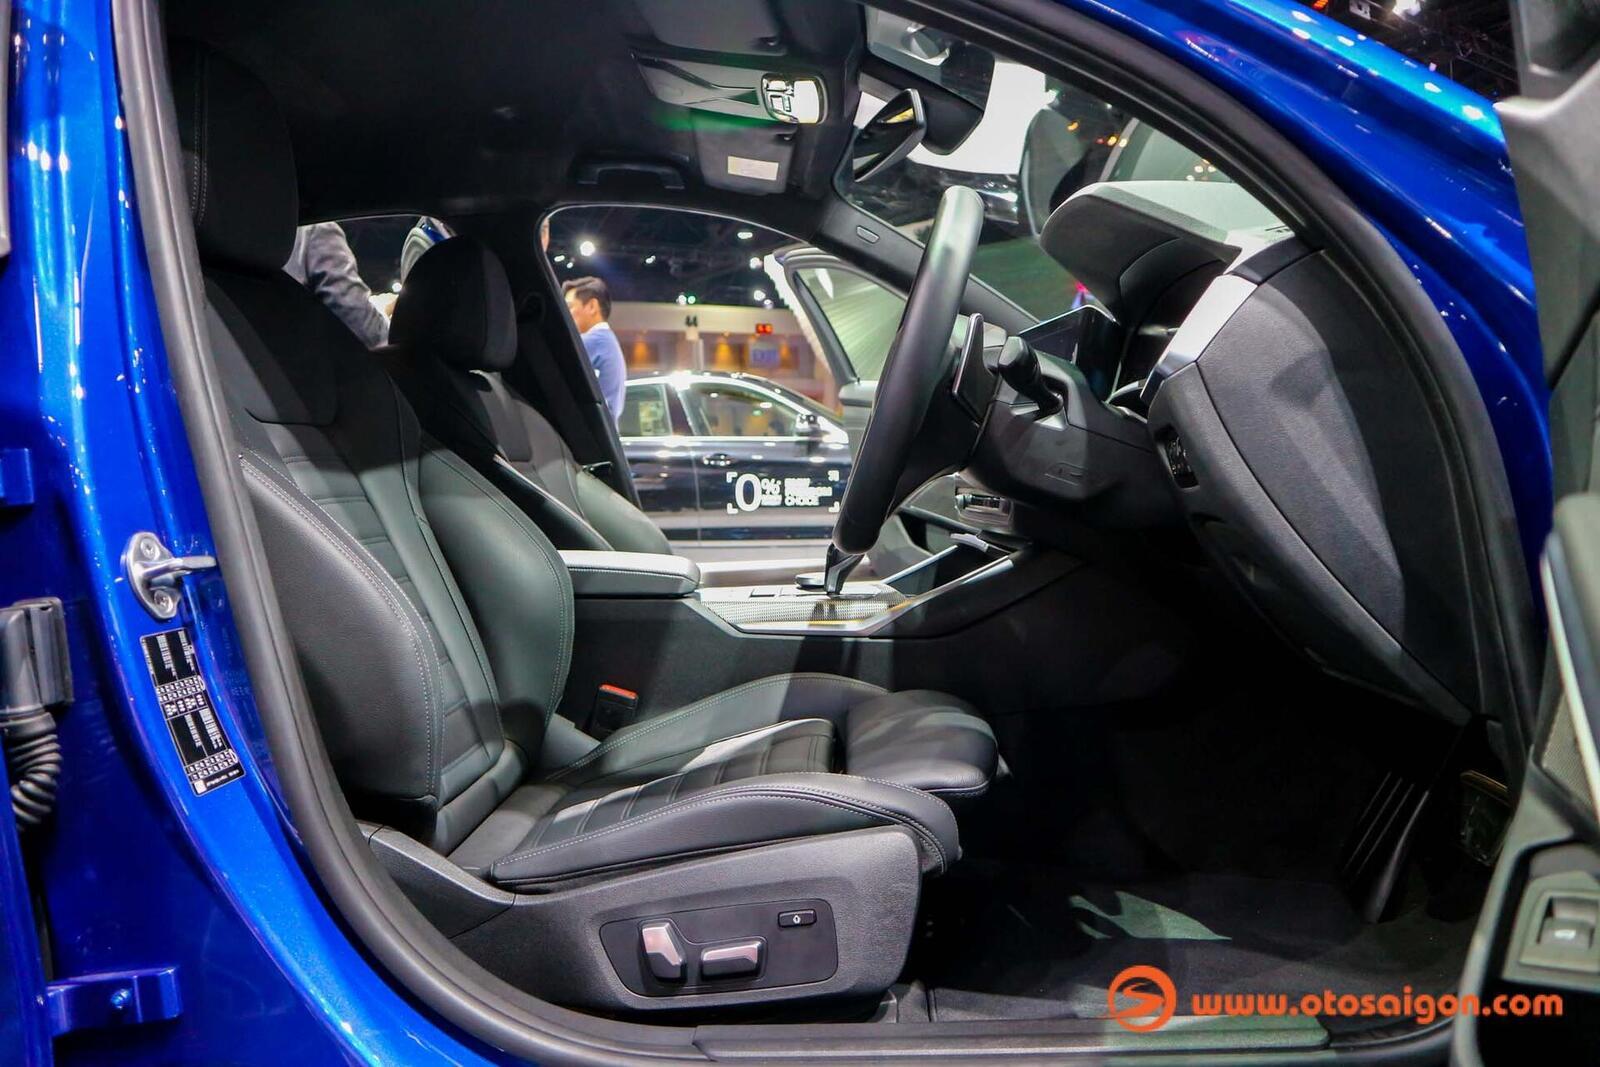 BMW 3 Series mới tại Thái Lan có giá bán từ 2,1 đến 2,4 tỷ đồng - Hình 25